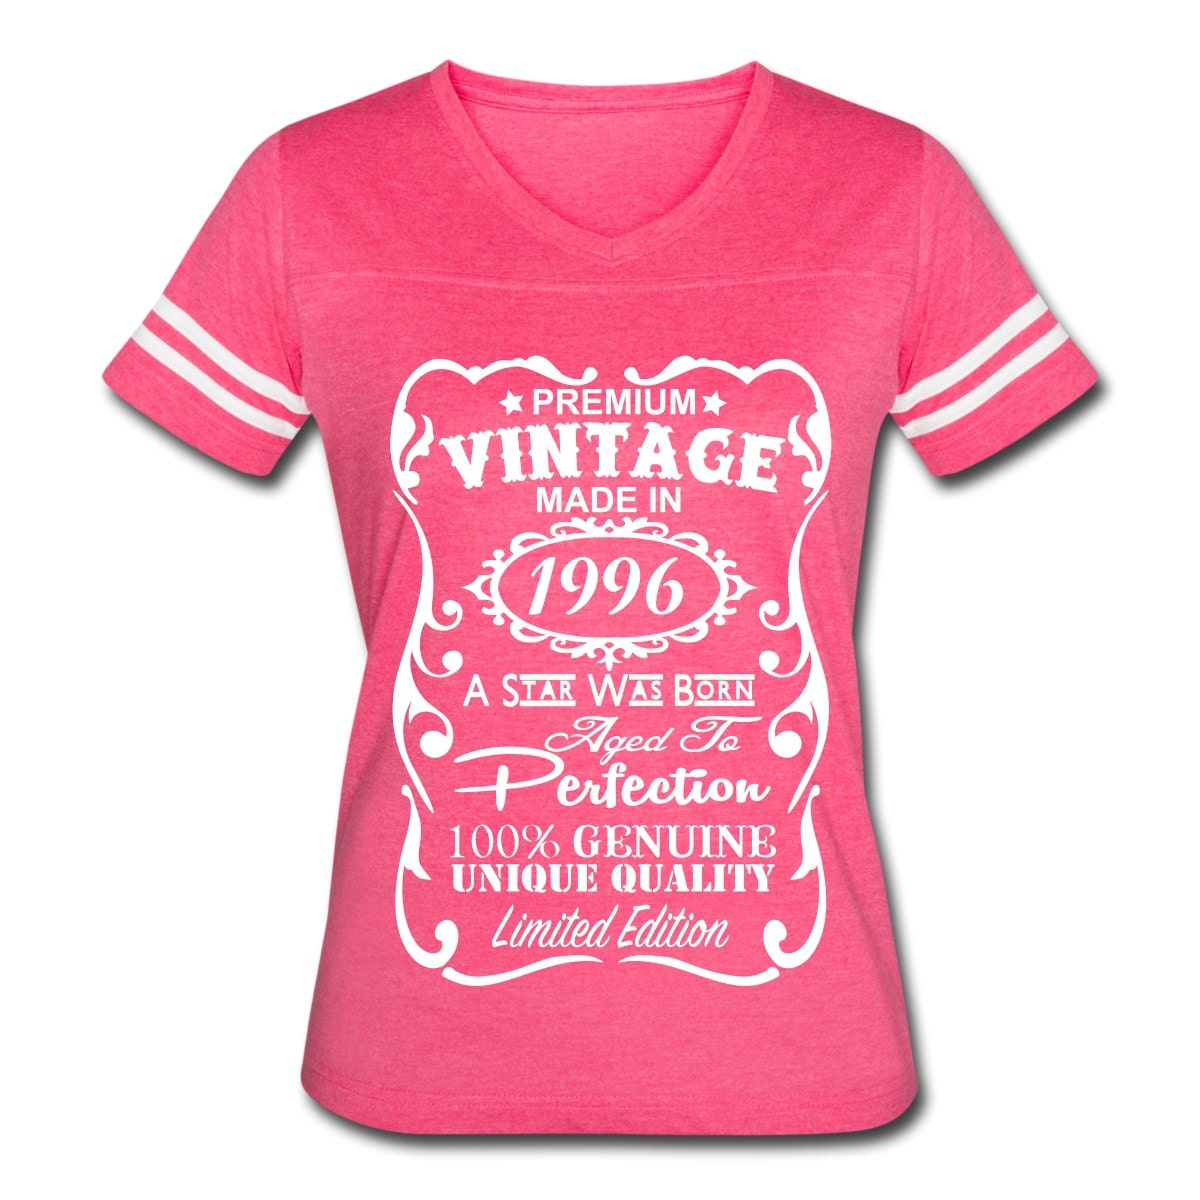 Birthday Present For My Girlfriends 21 St Birthday 21: 21st Birthday Gift For Her VELVETY PRINT Vintage